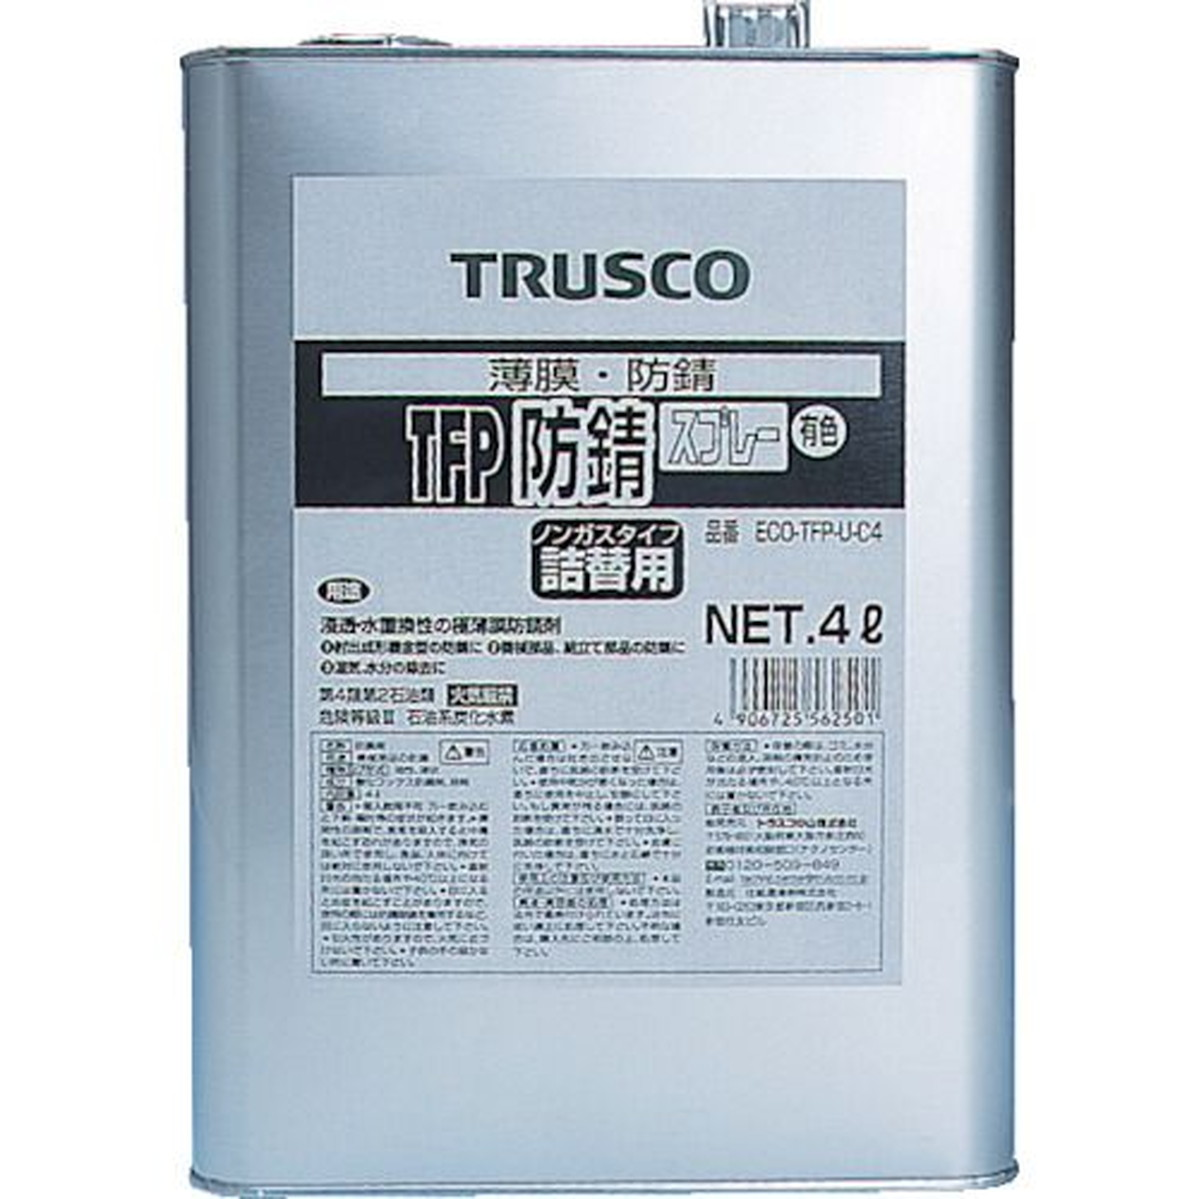 高級ブランド TRUSCO TFP防錆剤 1缶 TFP防錆剤 TRUSCO 有色 4L 1缶, キツレガワマチ:f873de74 --- kventurepartners.sakura.ne.jp